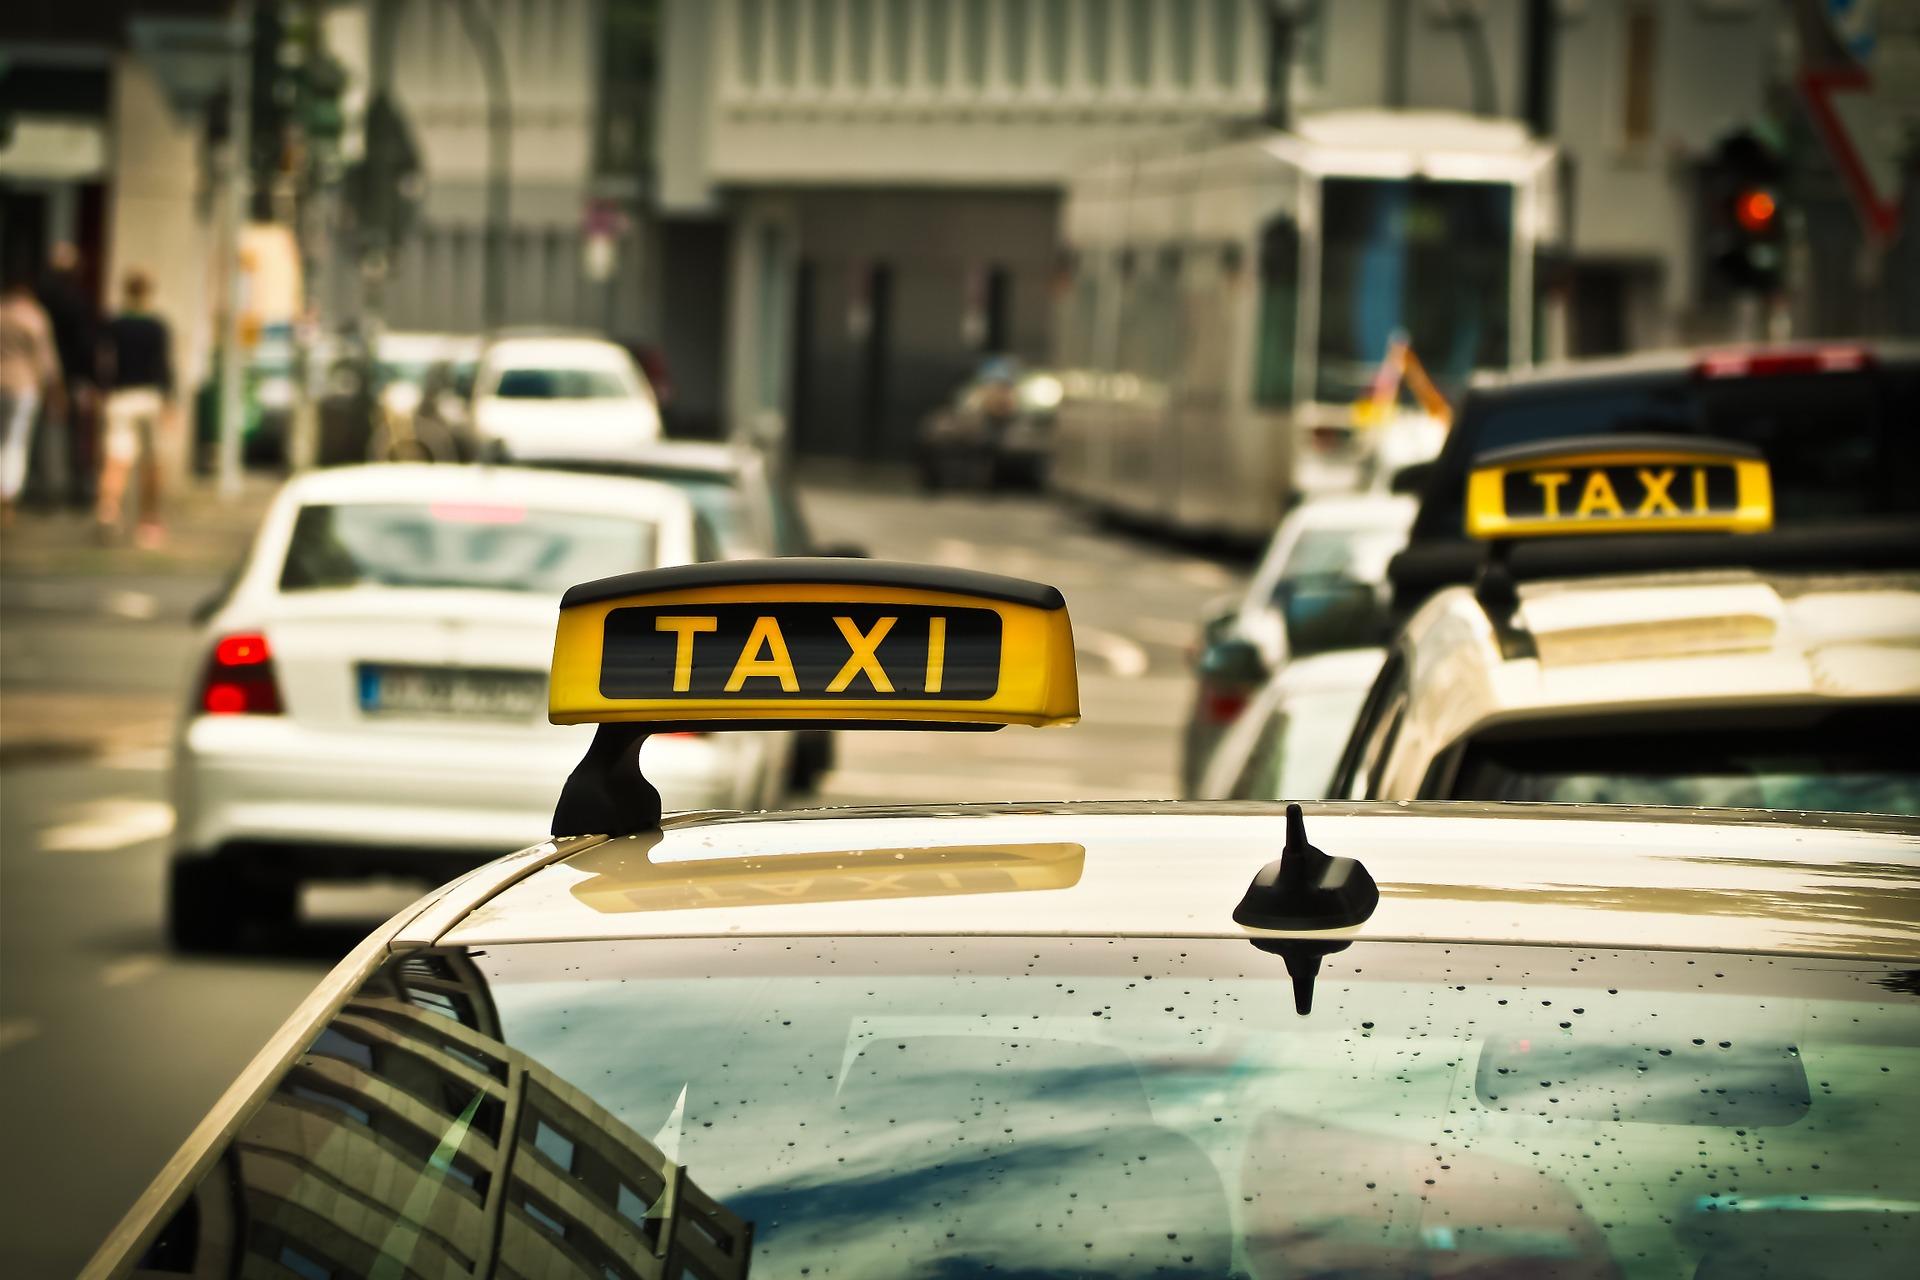 Uklon буде страхувати пасажирів спільно із AXA